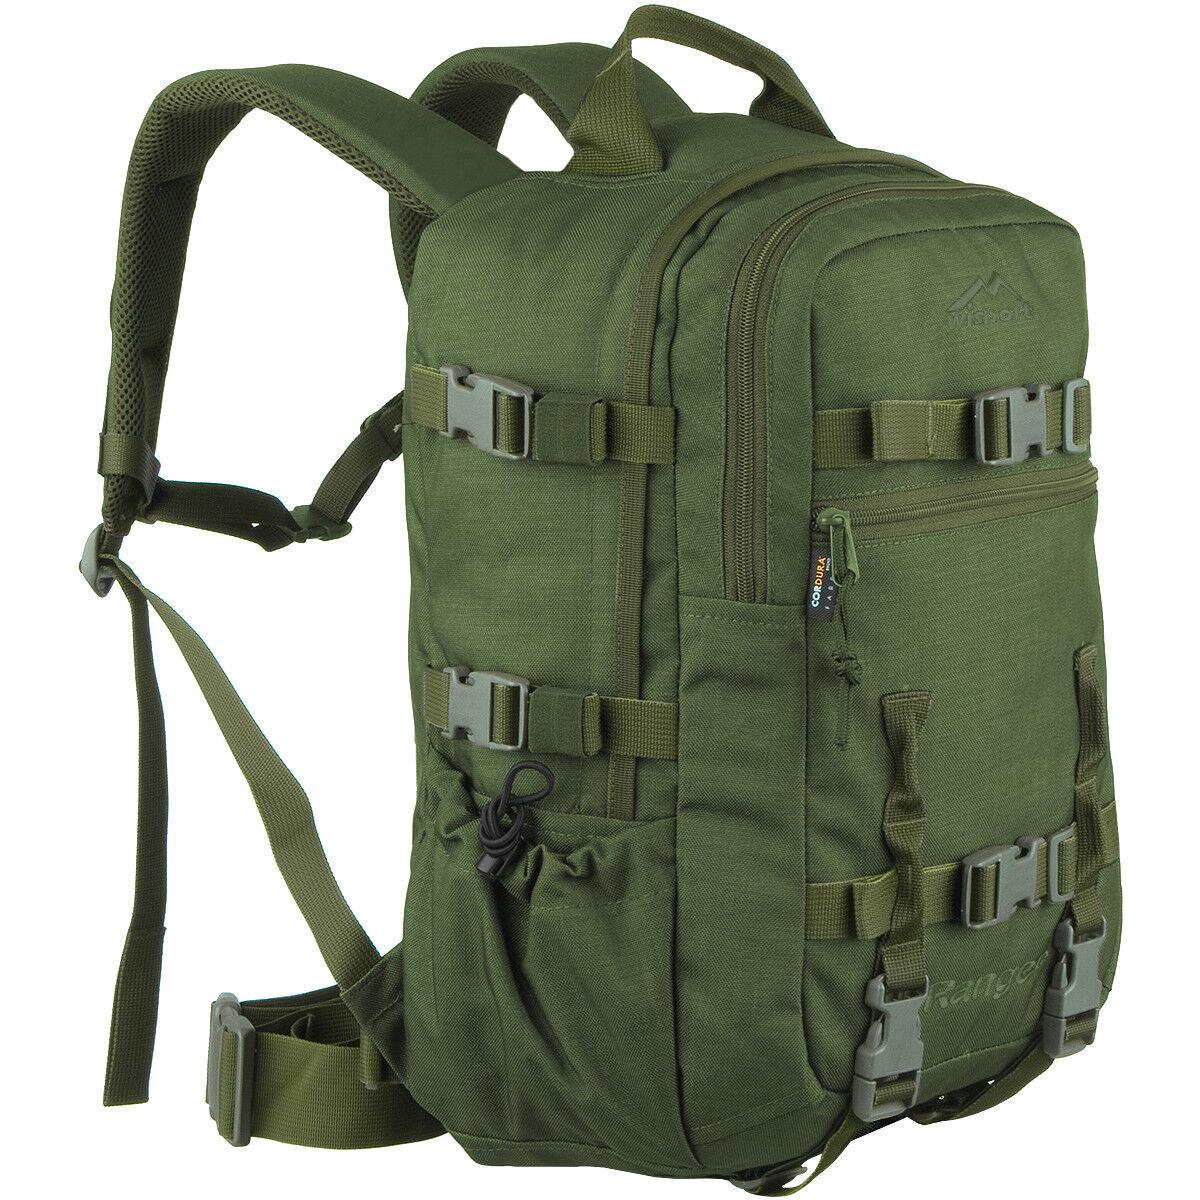 Wisport Ranger 30L Esercito Militare Idratazione Zaino Caccia Zaino verde Oliva